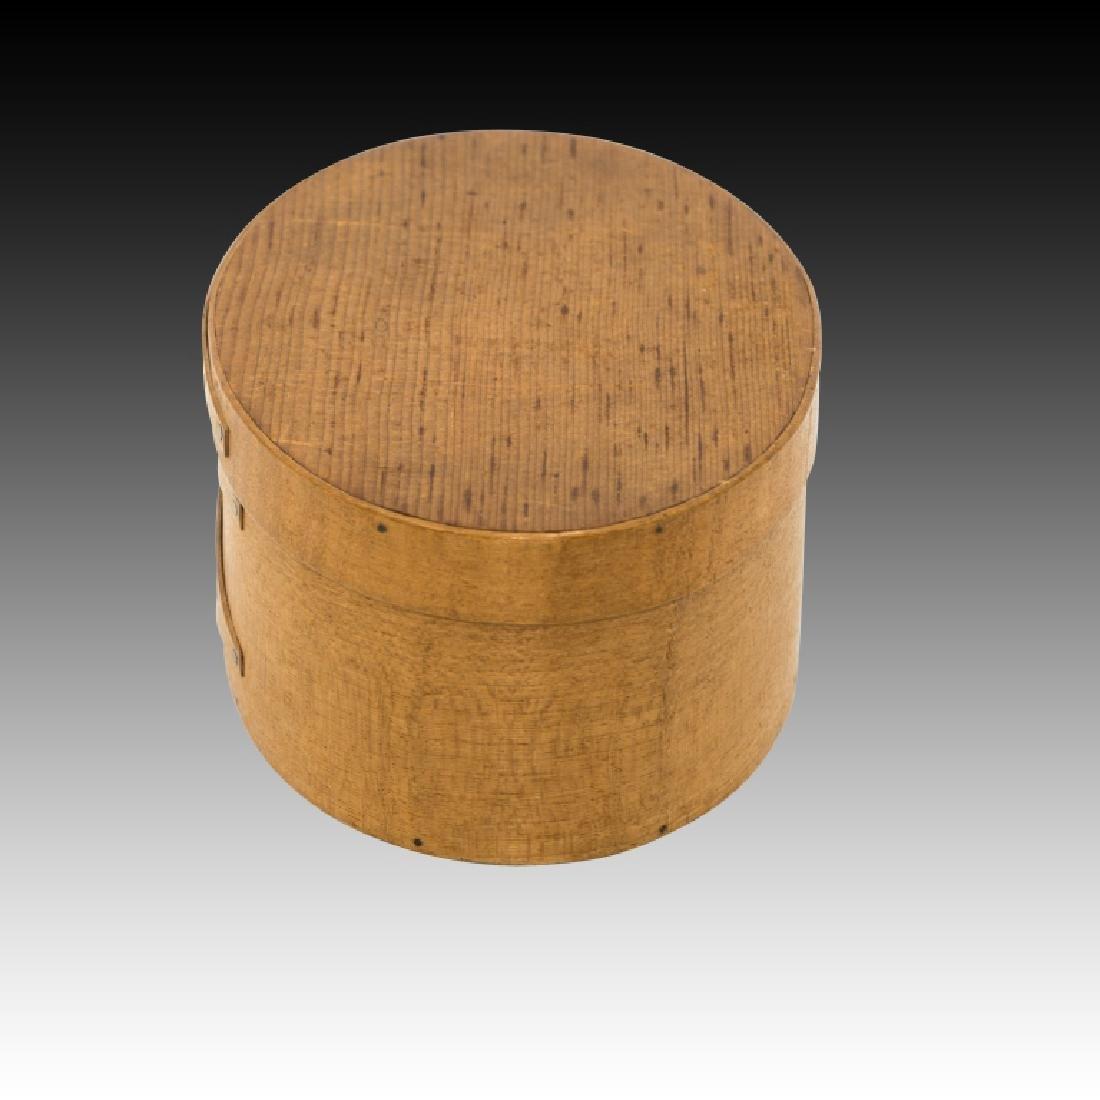 Medium 3 Fingers Shaker Box - 2